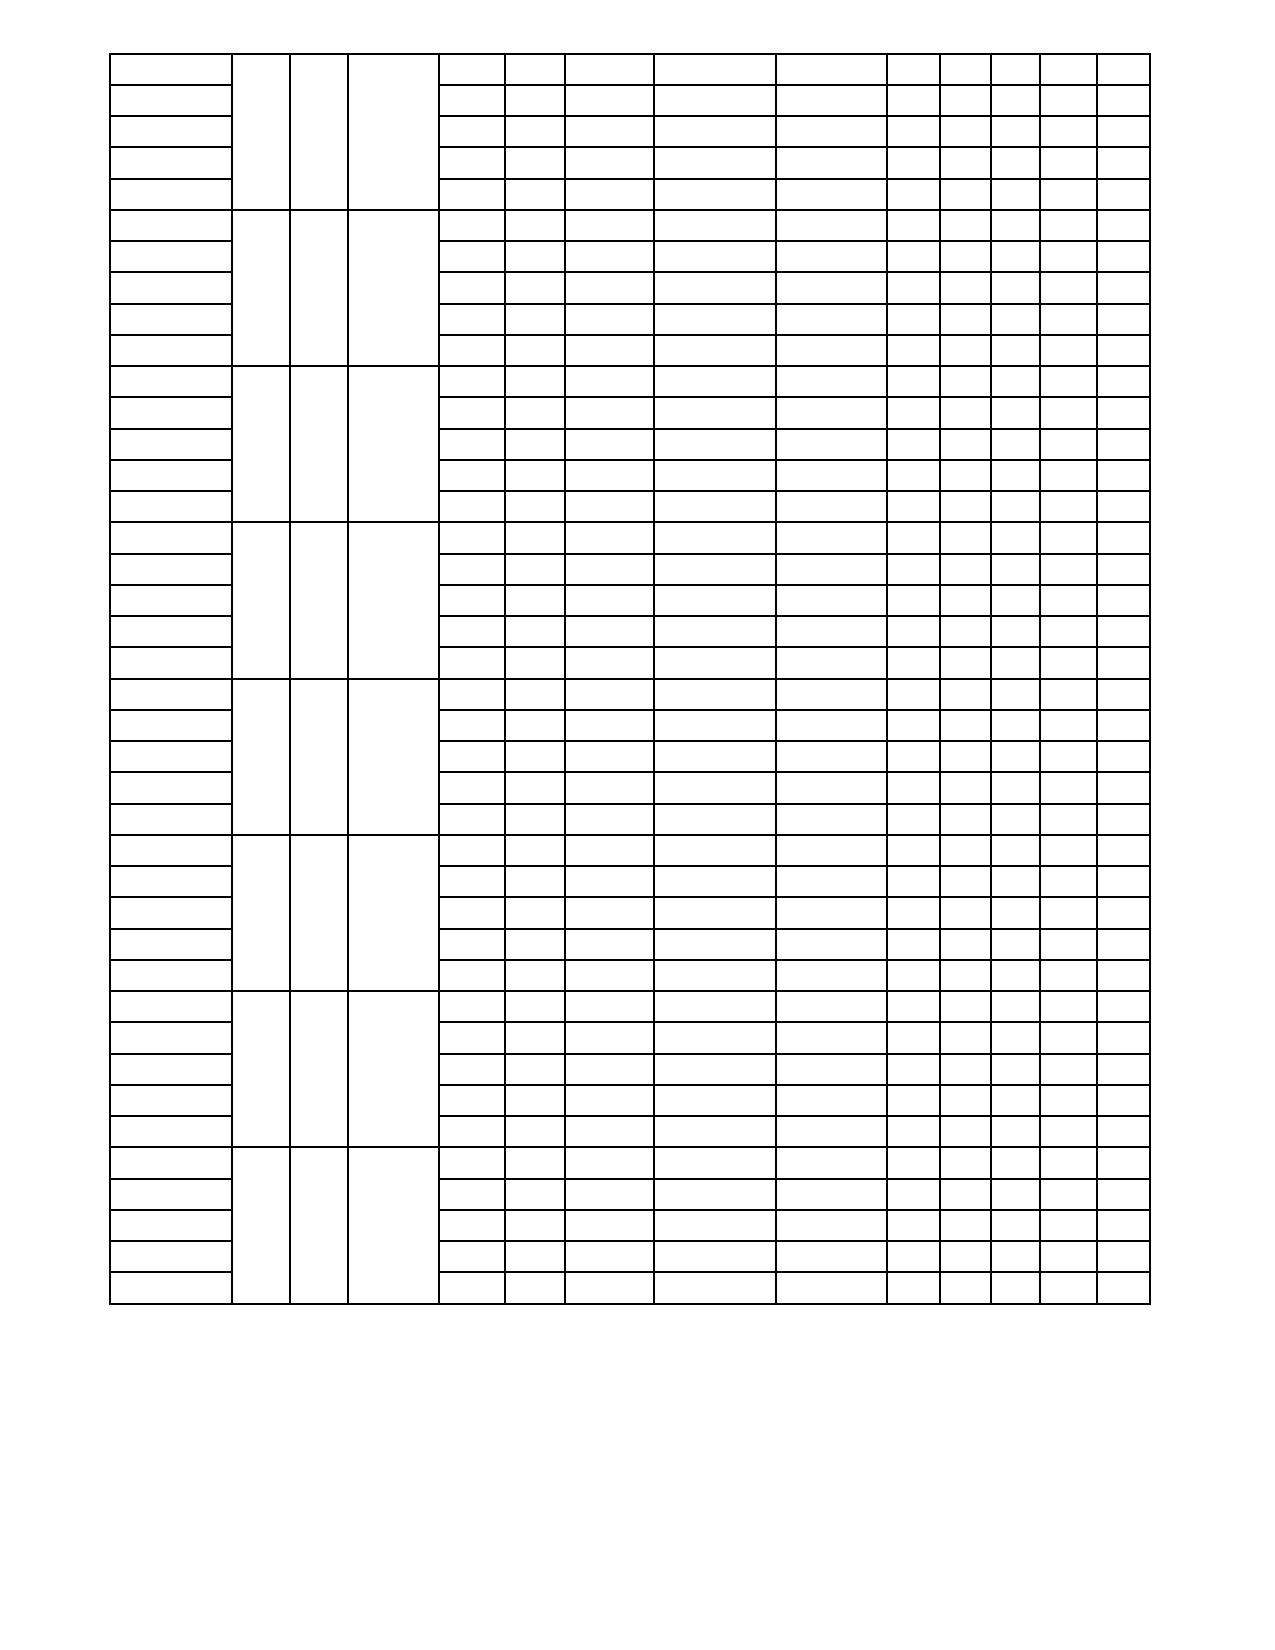 V05K320-5 pdf, 電子部品, 半導体, ピン配列